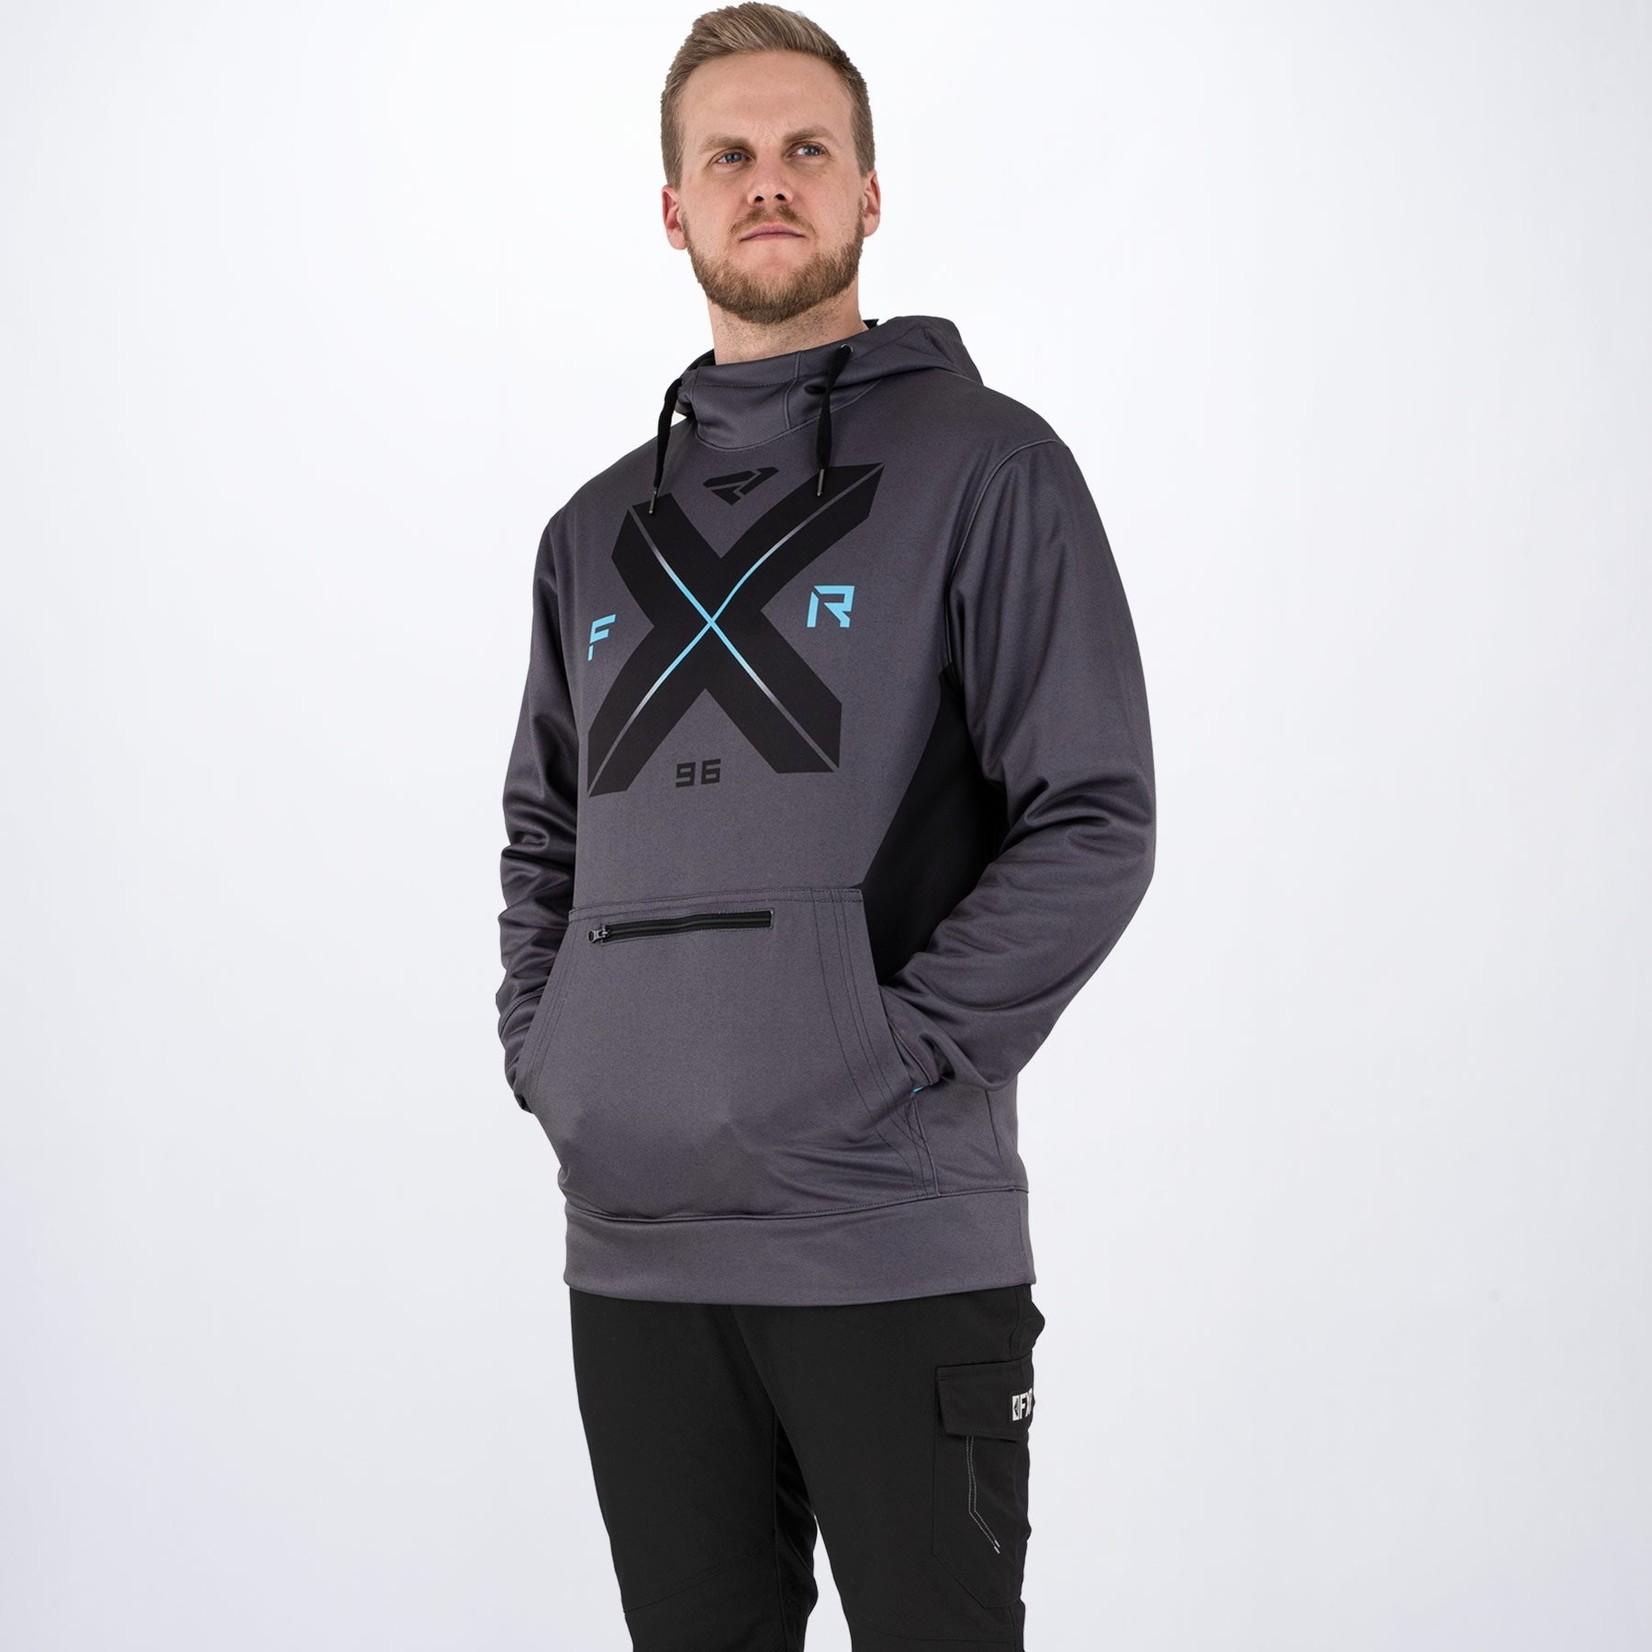 FXR FXR Men's Authentic Pullover Hoodie